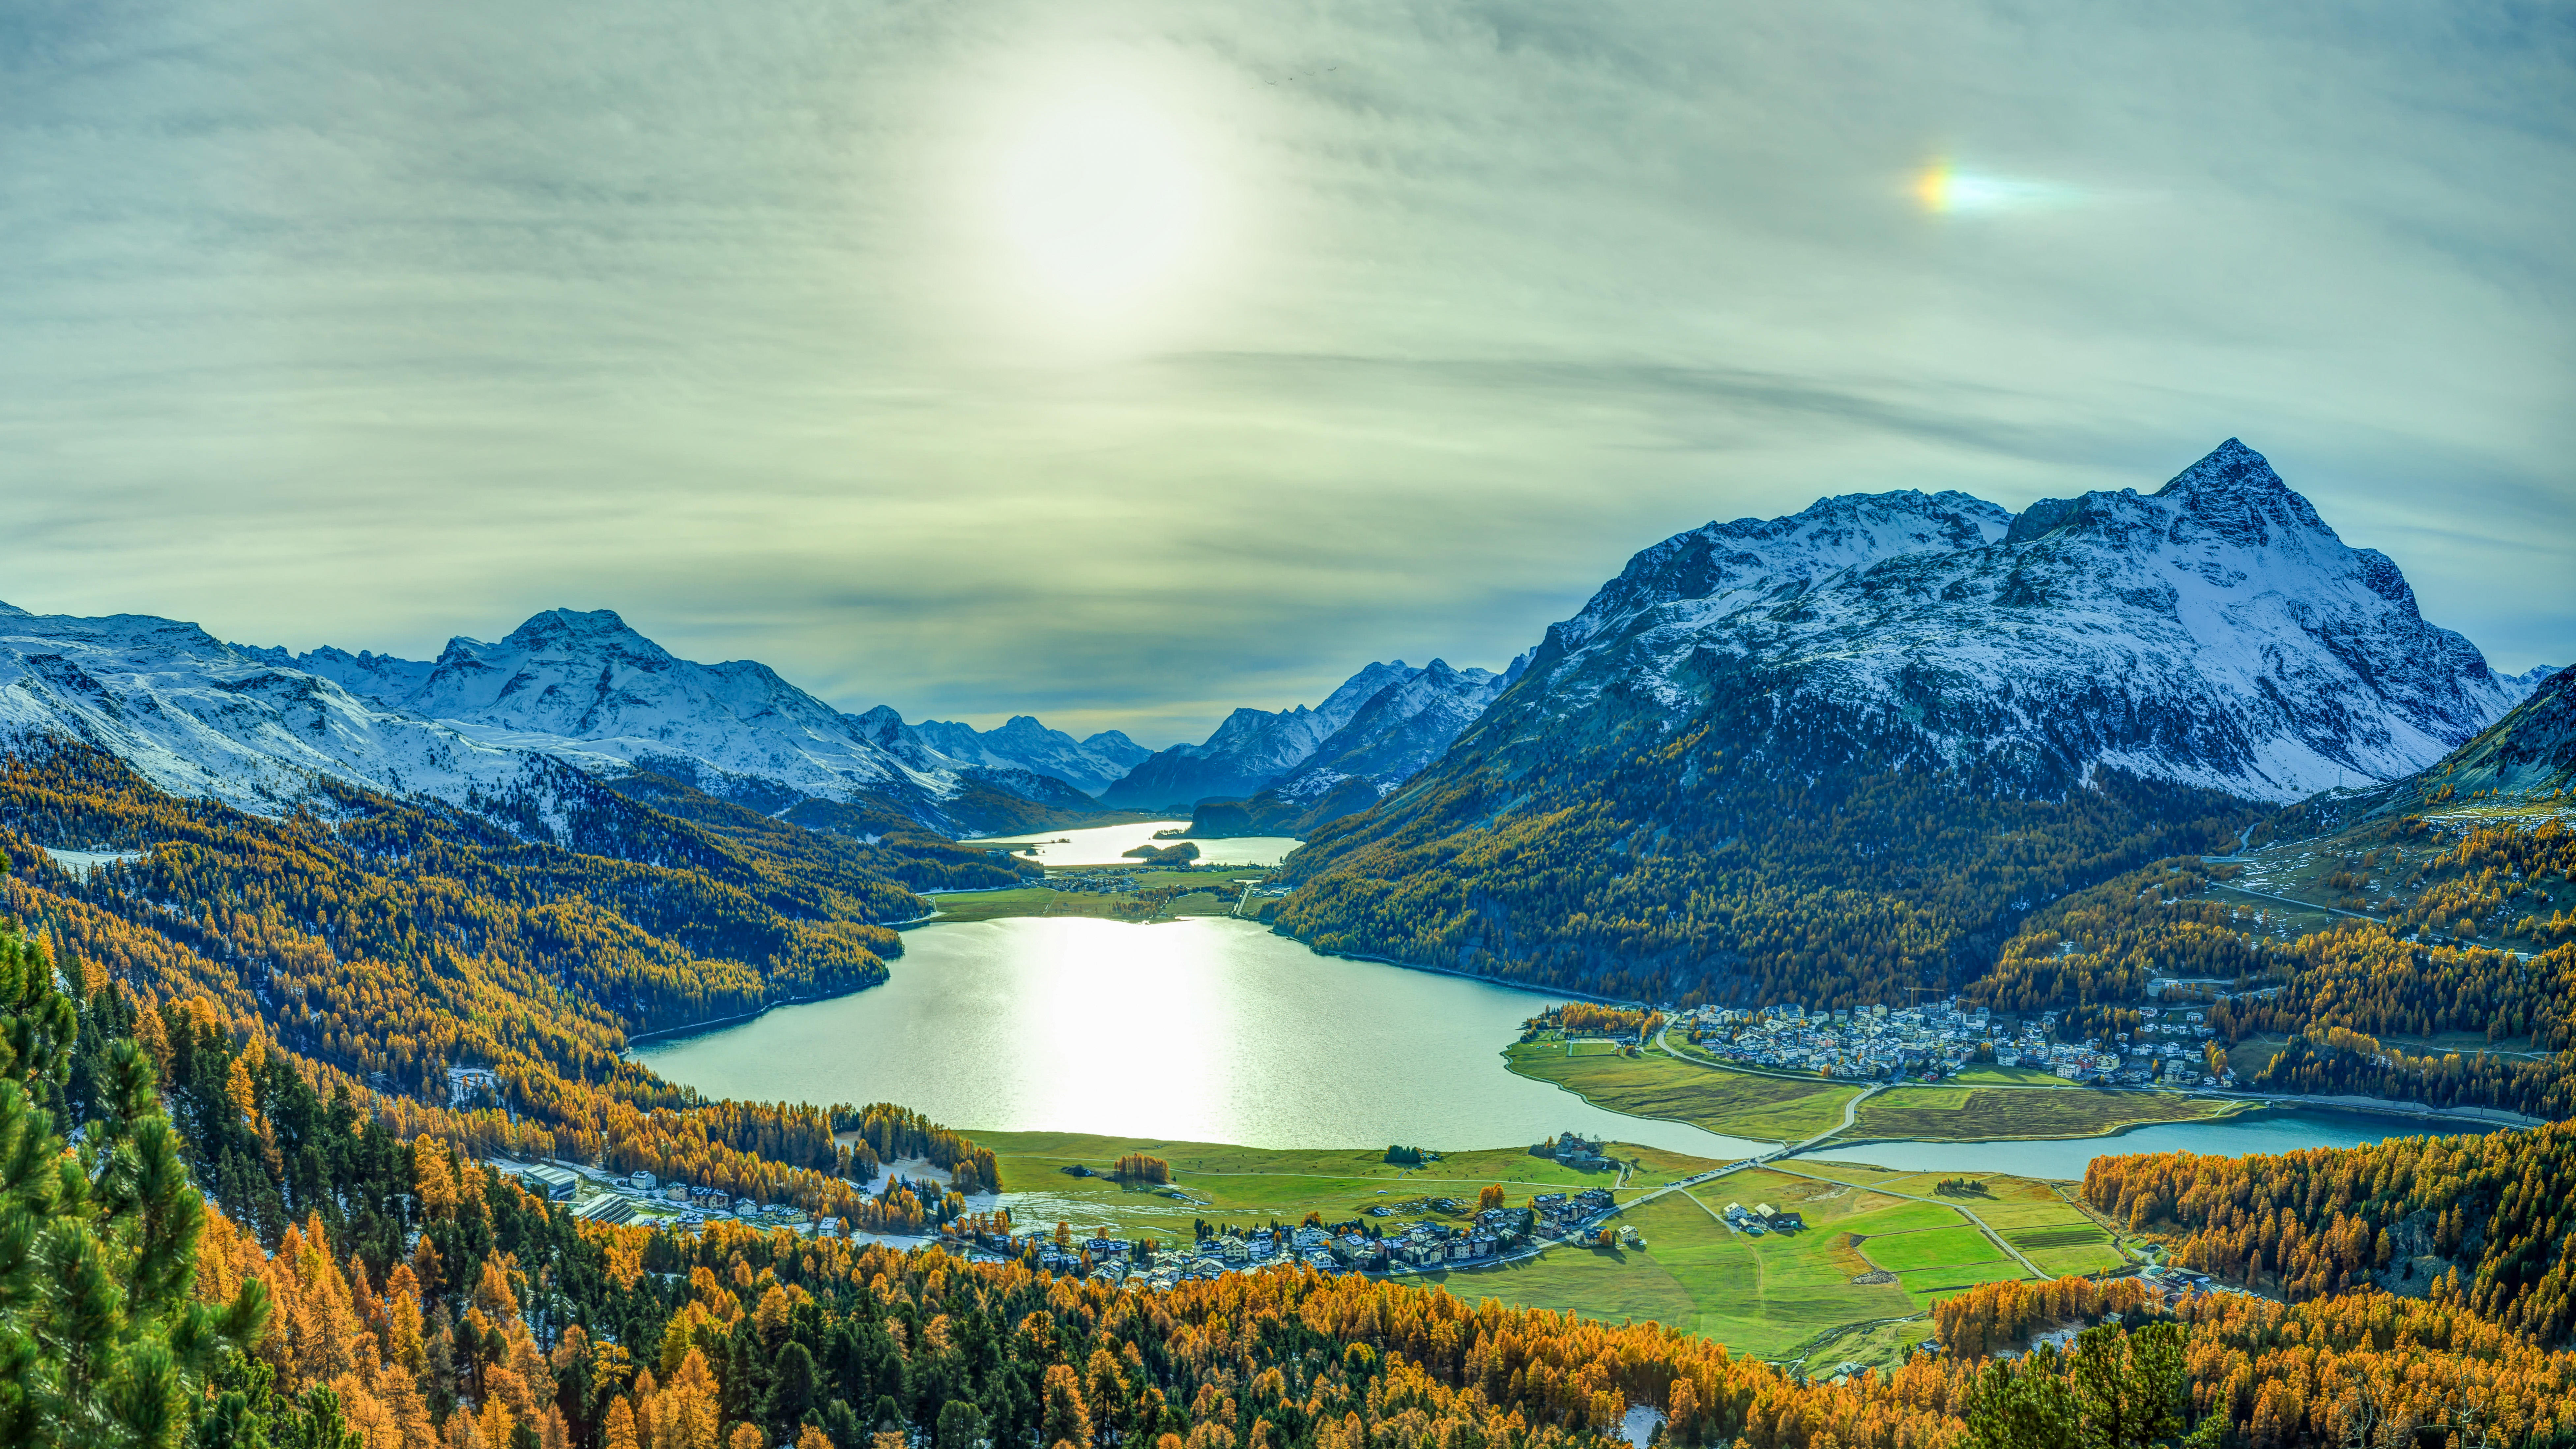 обои Граубюнден, Швейцария, горы, озеро картинки фото